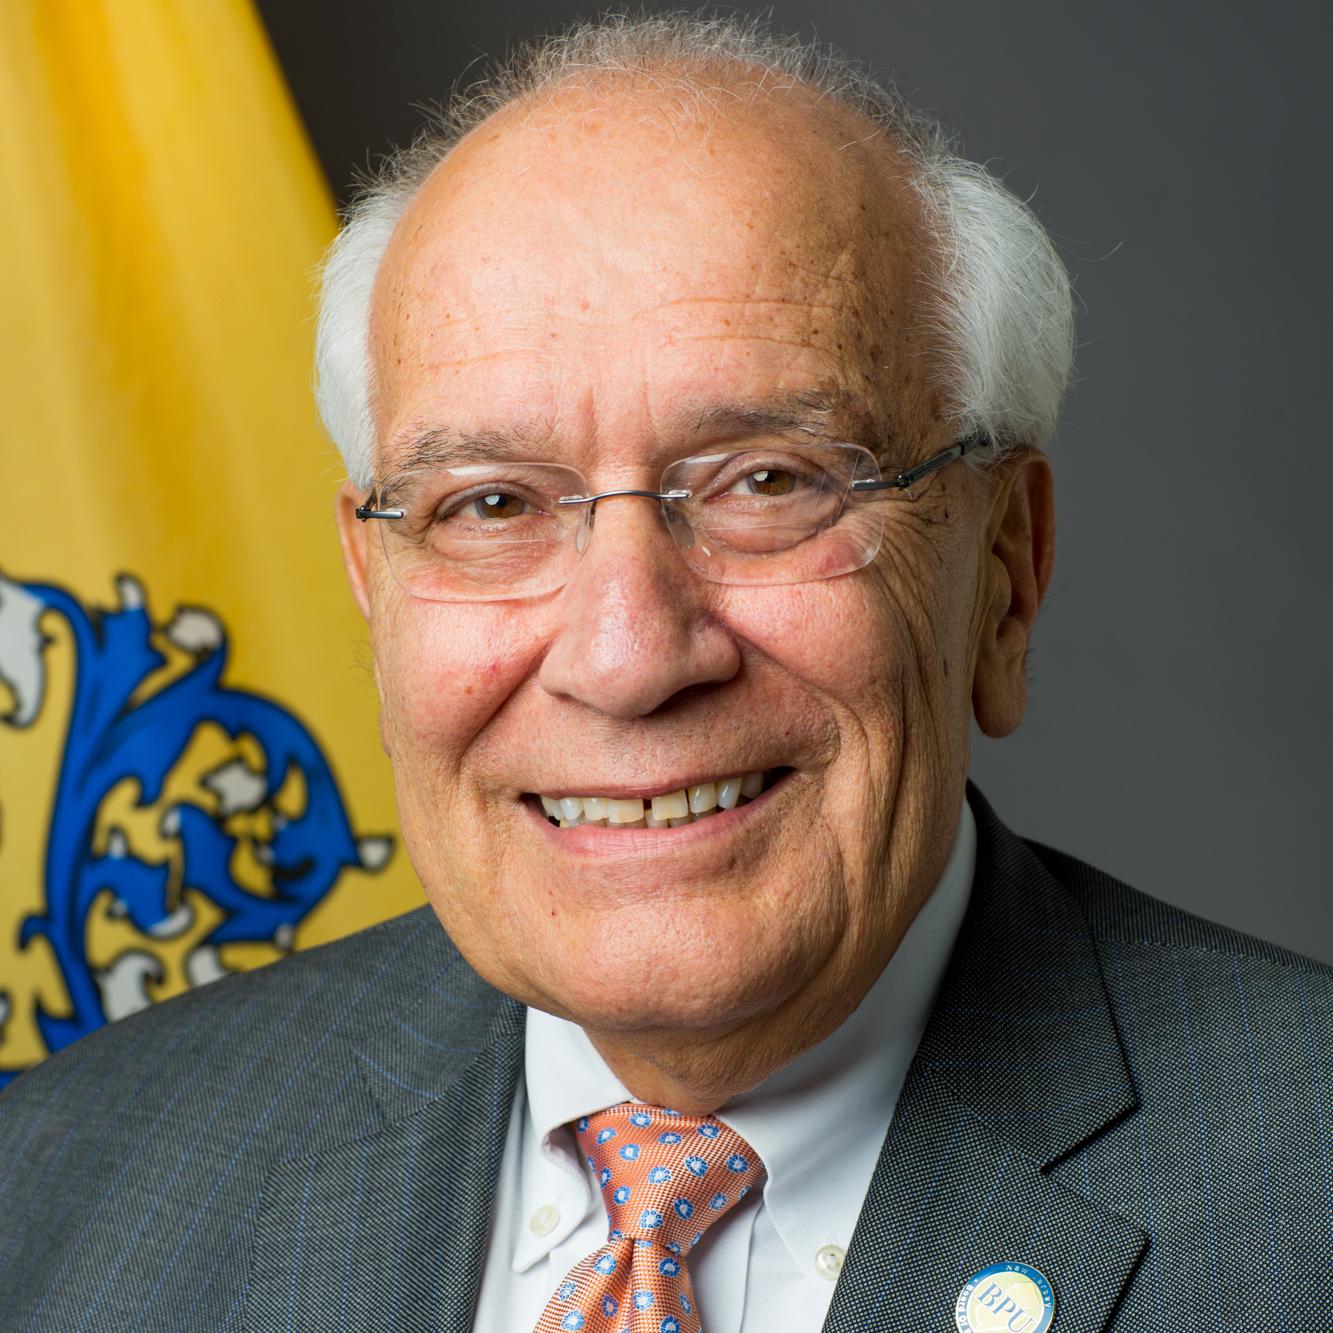 President Fiordaliso